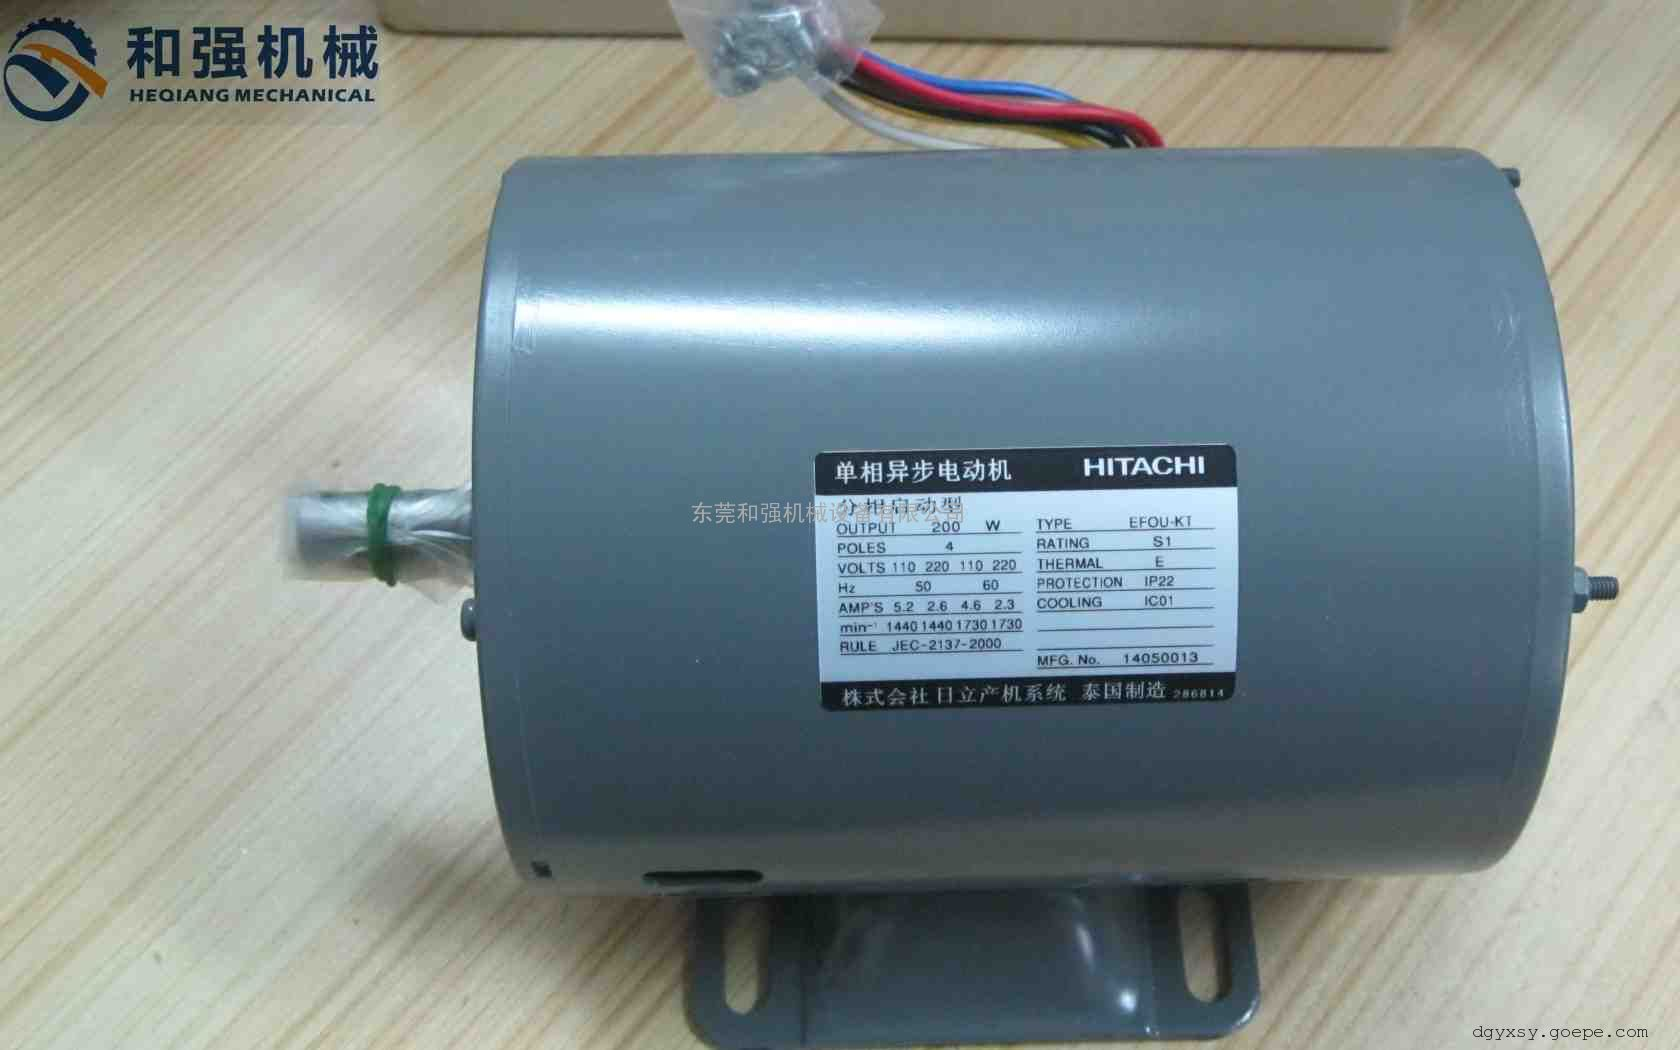 原装进口单相日立电机efou-kt 0.1kw日立马达